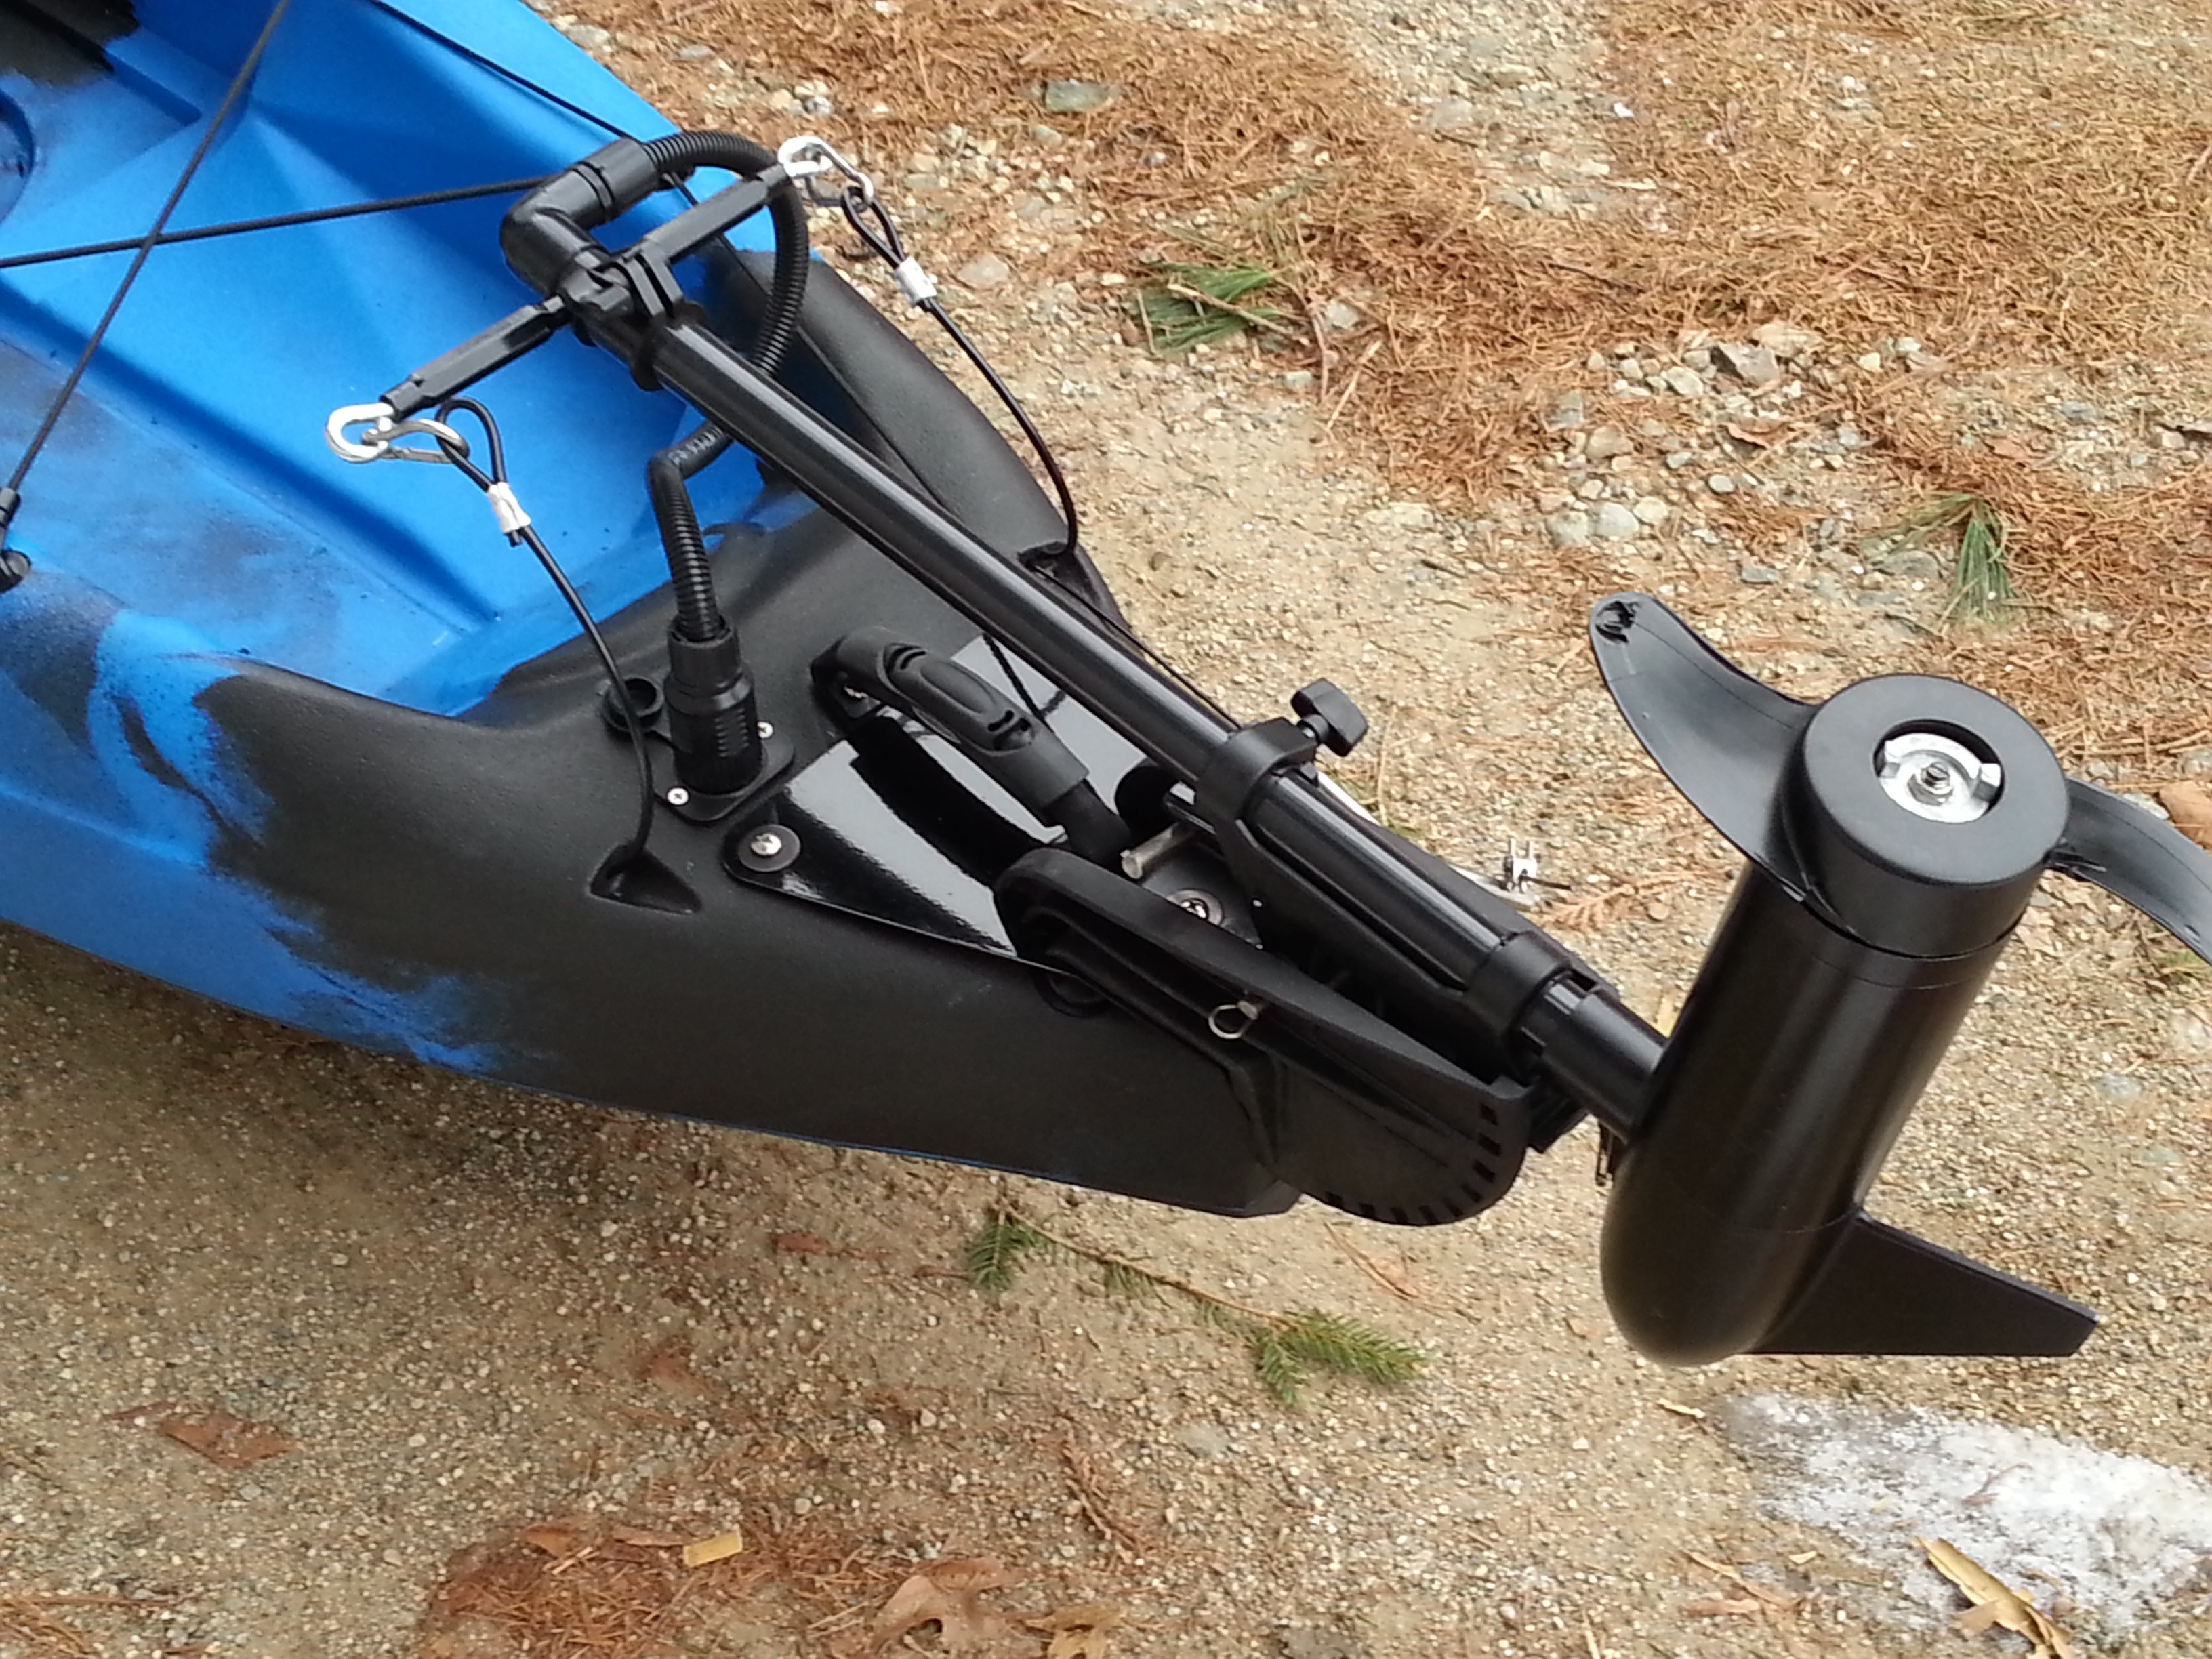 Diy trolling motor kayak diy do it your self for Fishing kayak with trolling motor